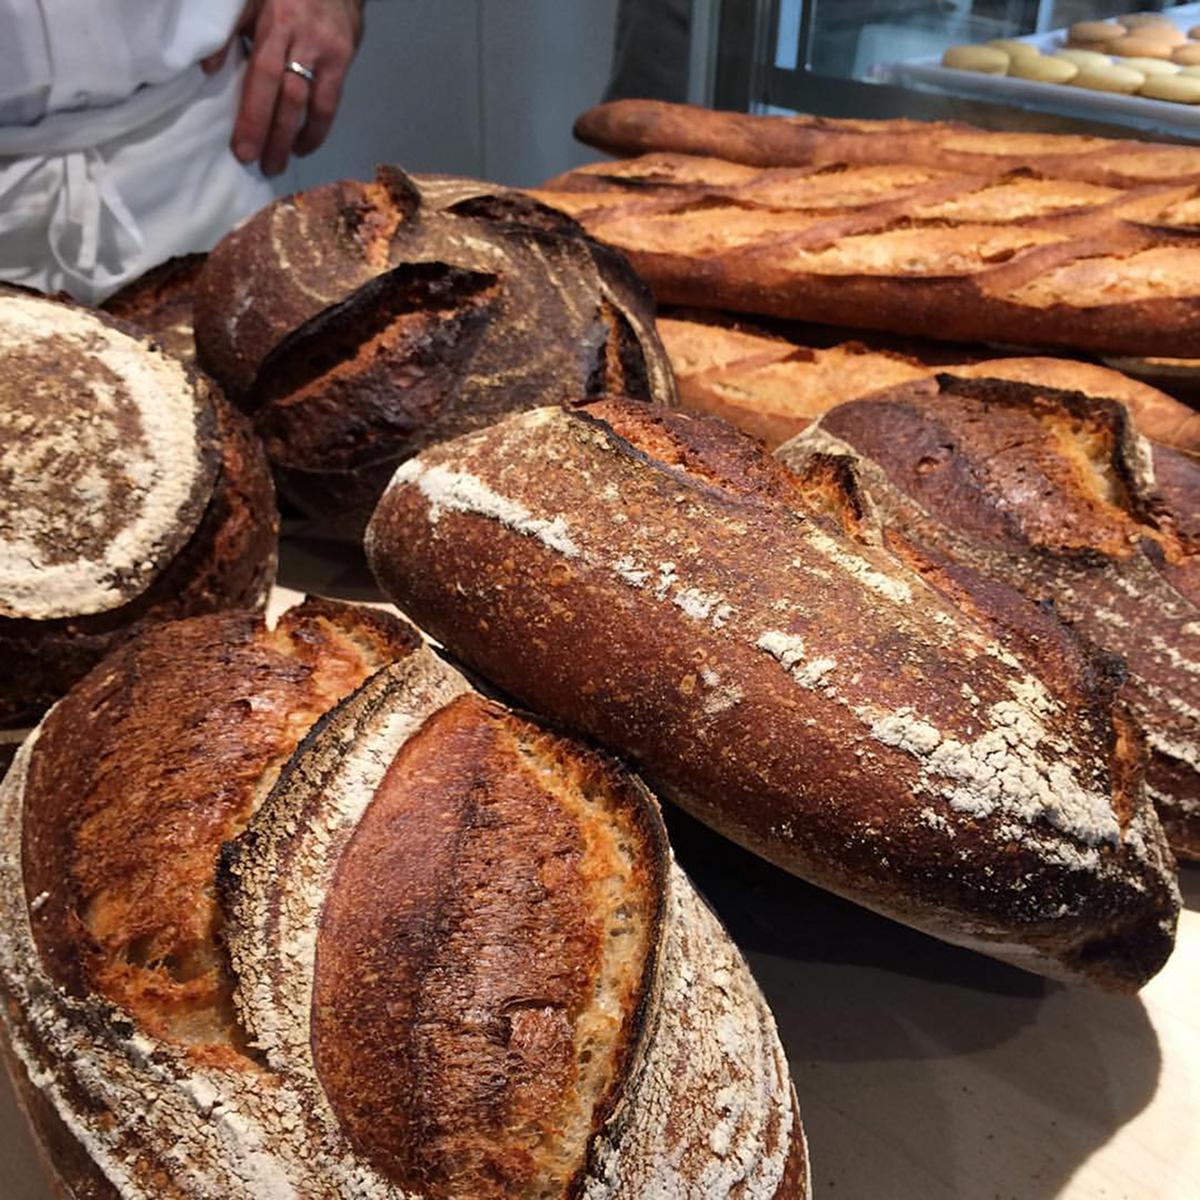 Field & Fire bakery breads